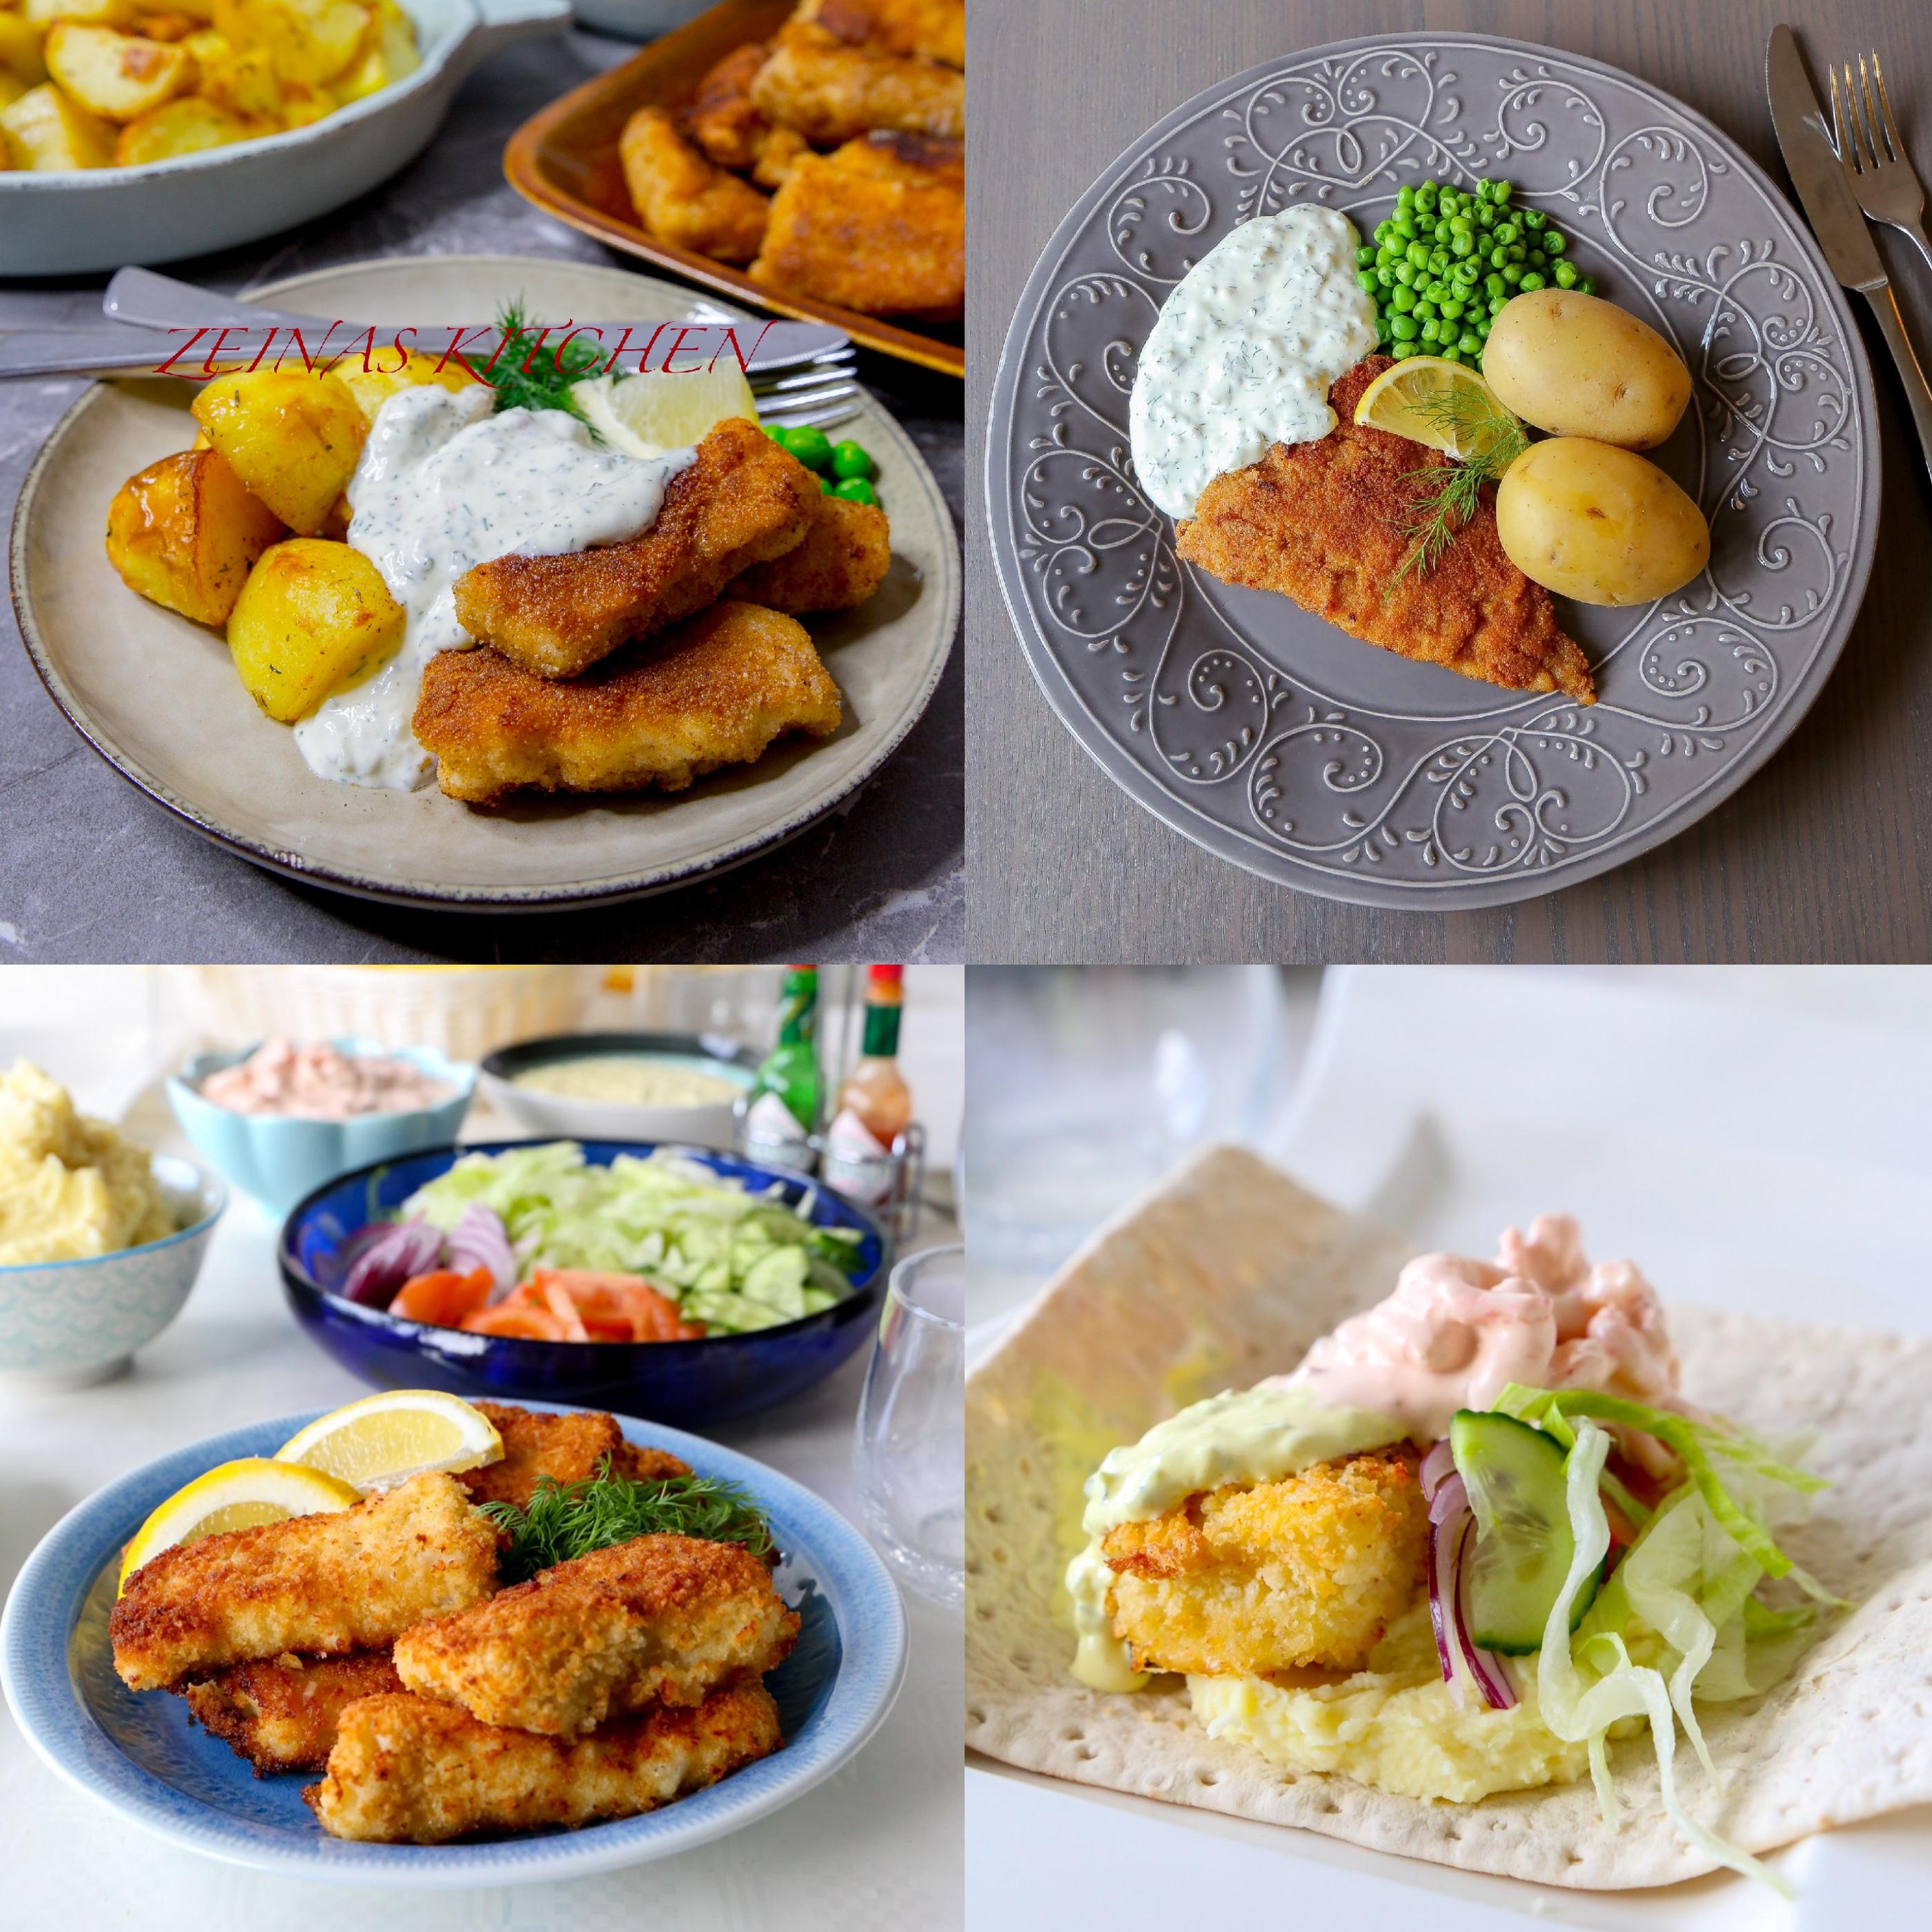 panerad fisk recept